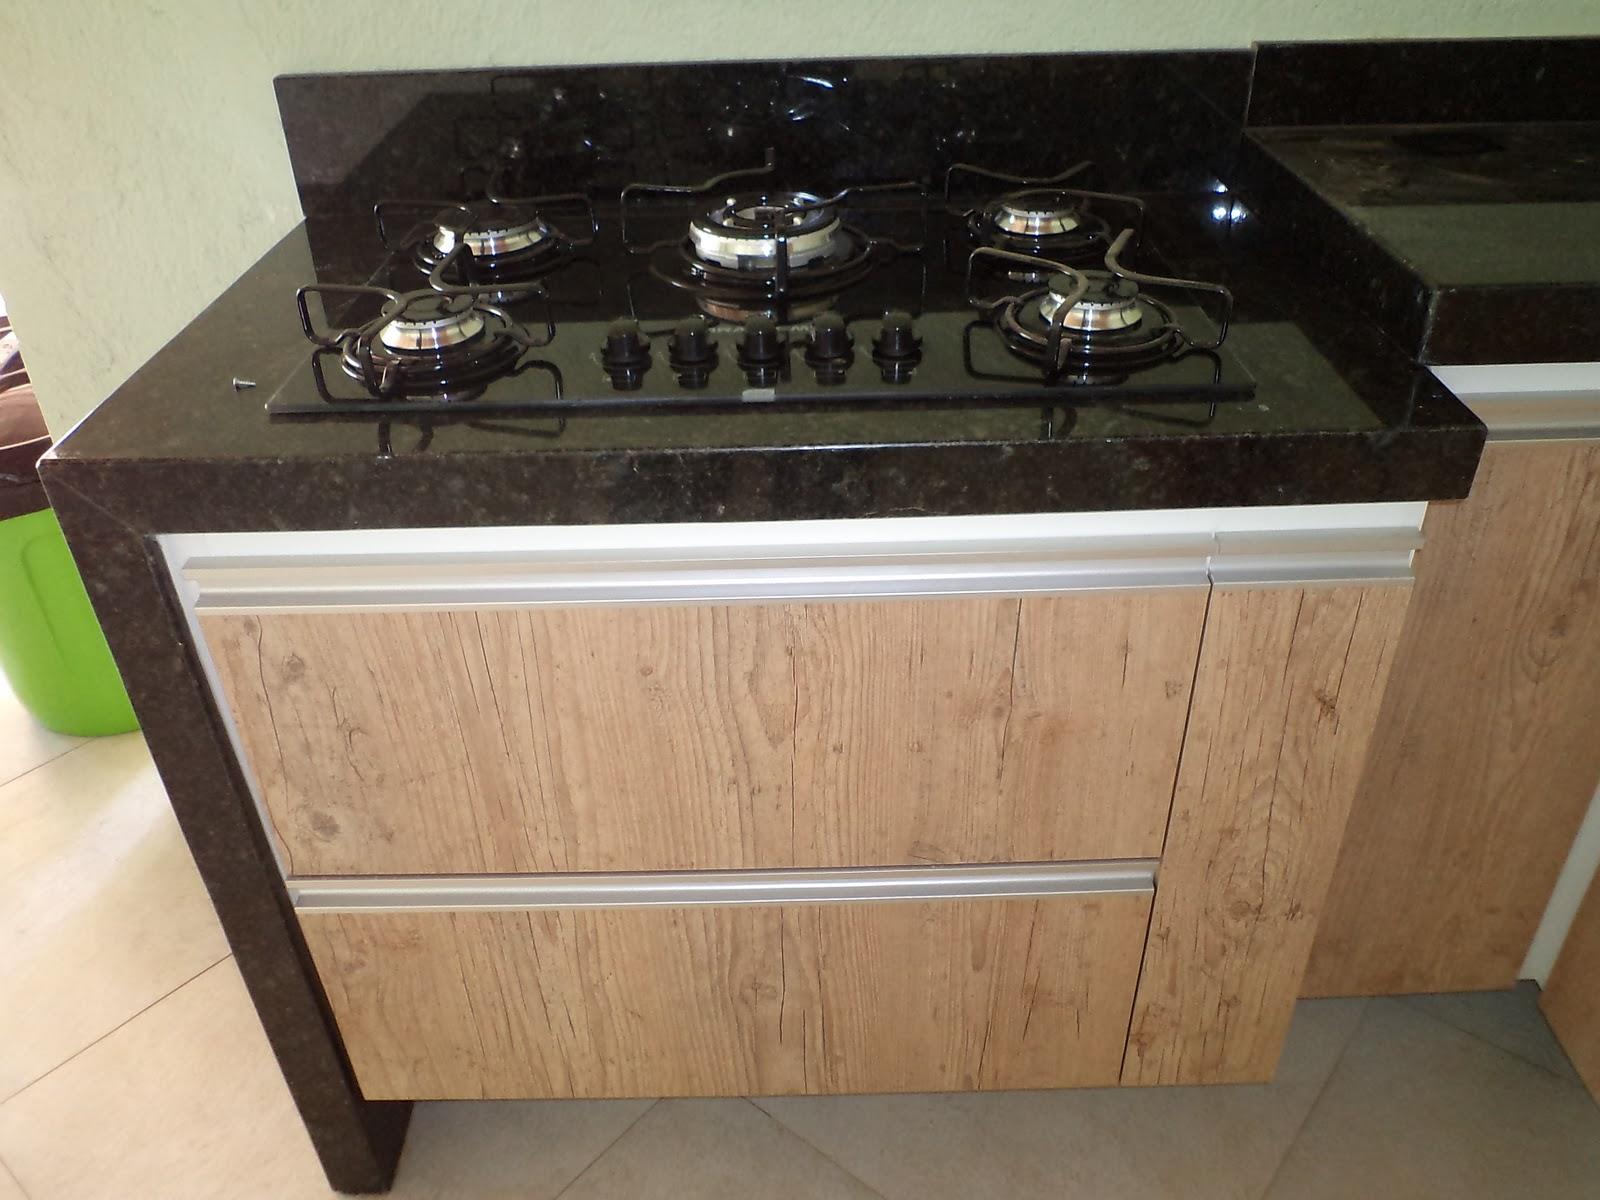 SPJ Móveis Planejados: Cozinha para área externa #729734 1600x1200